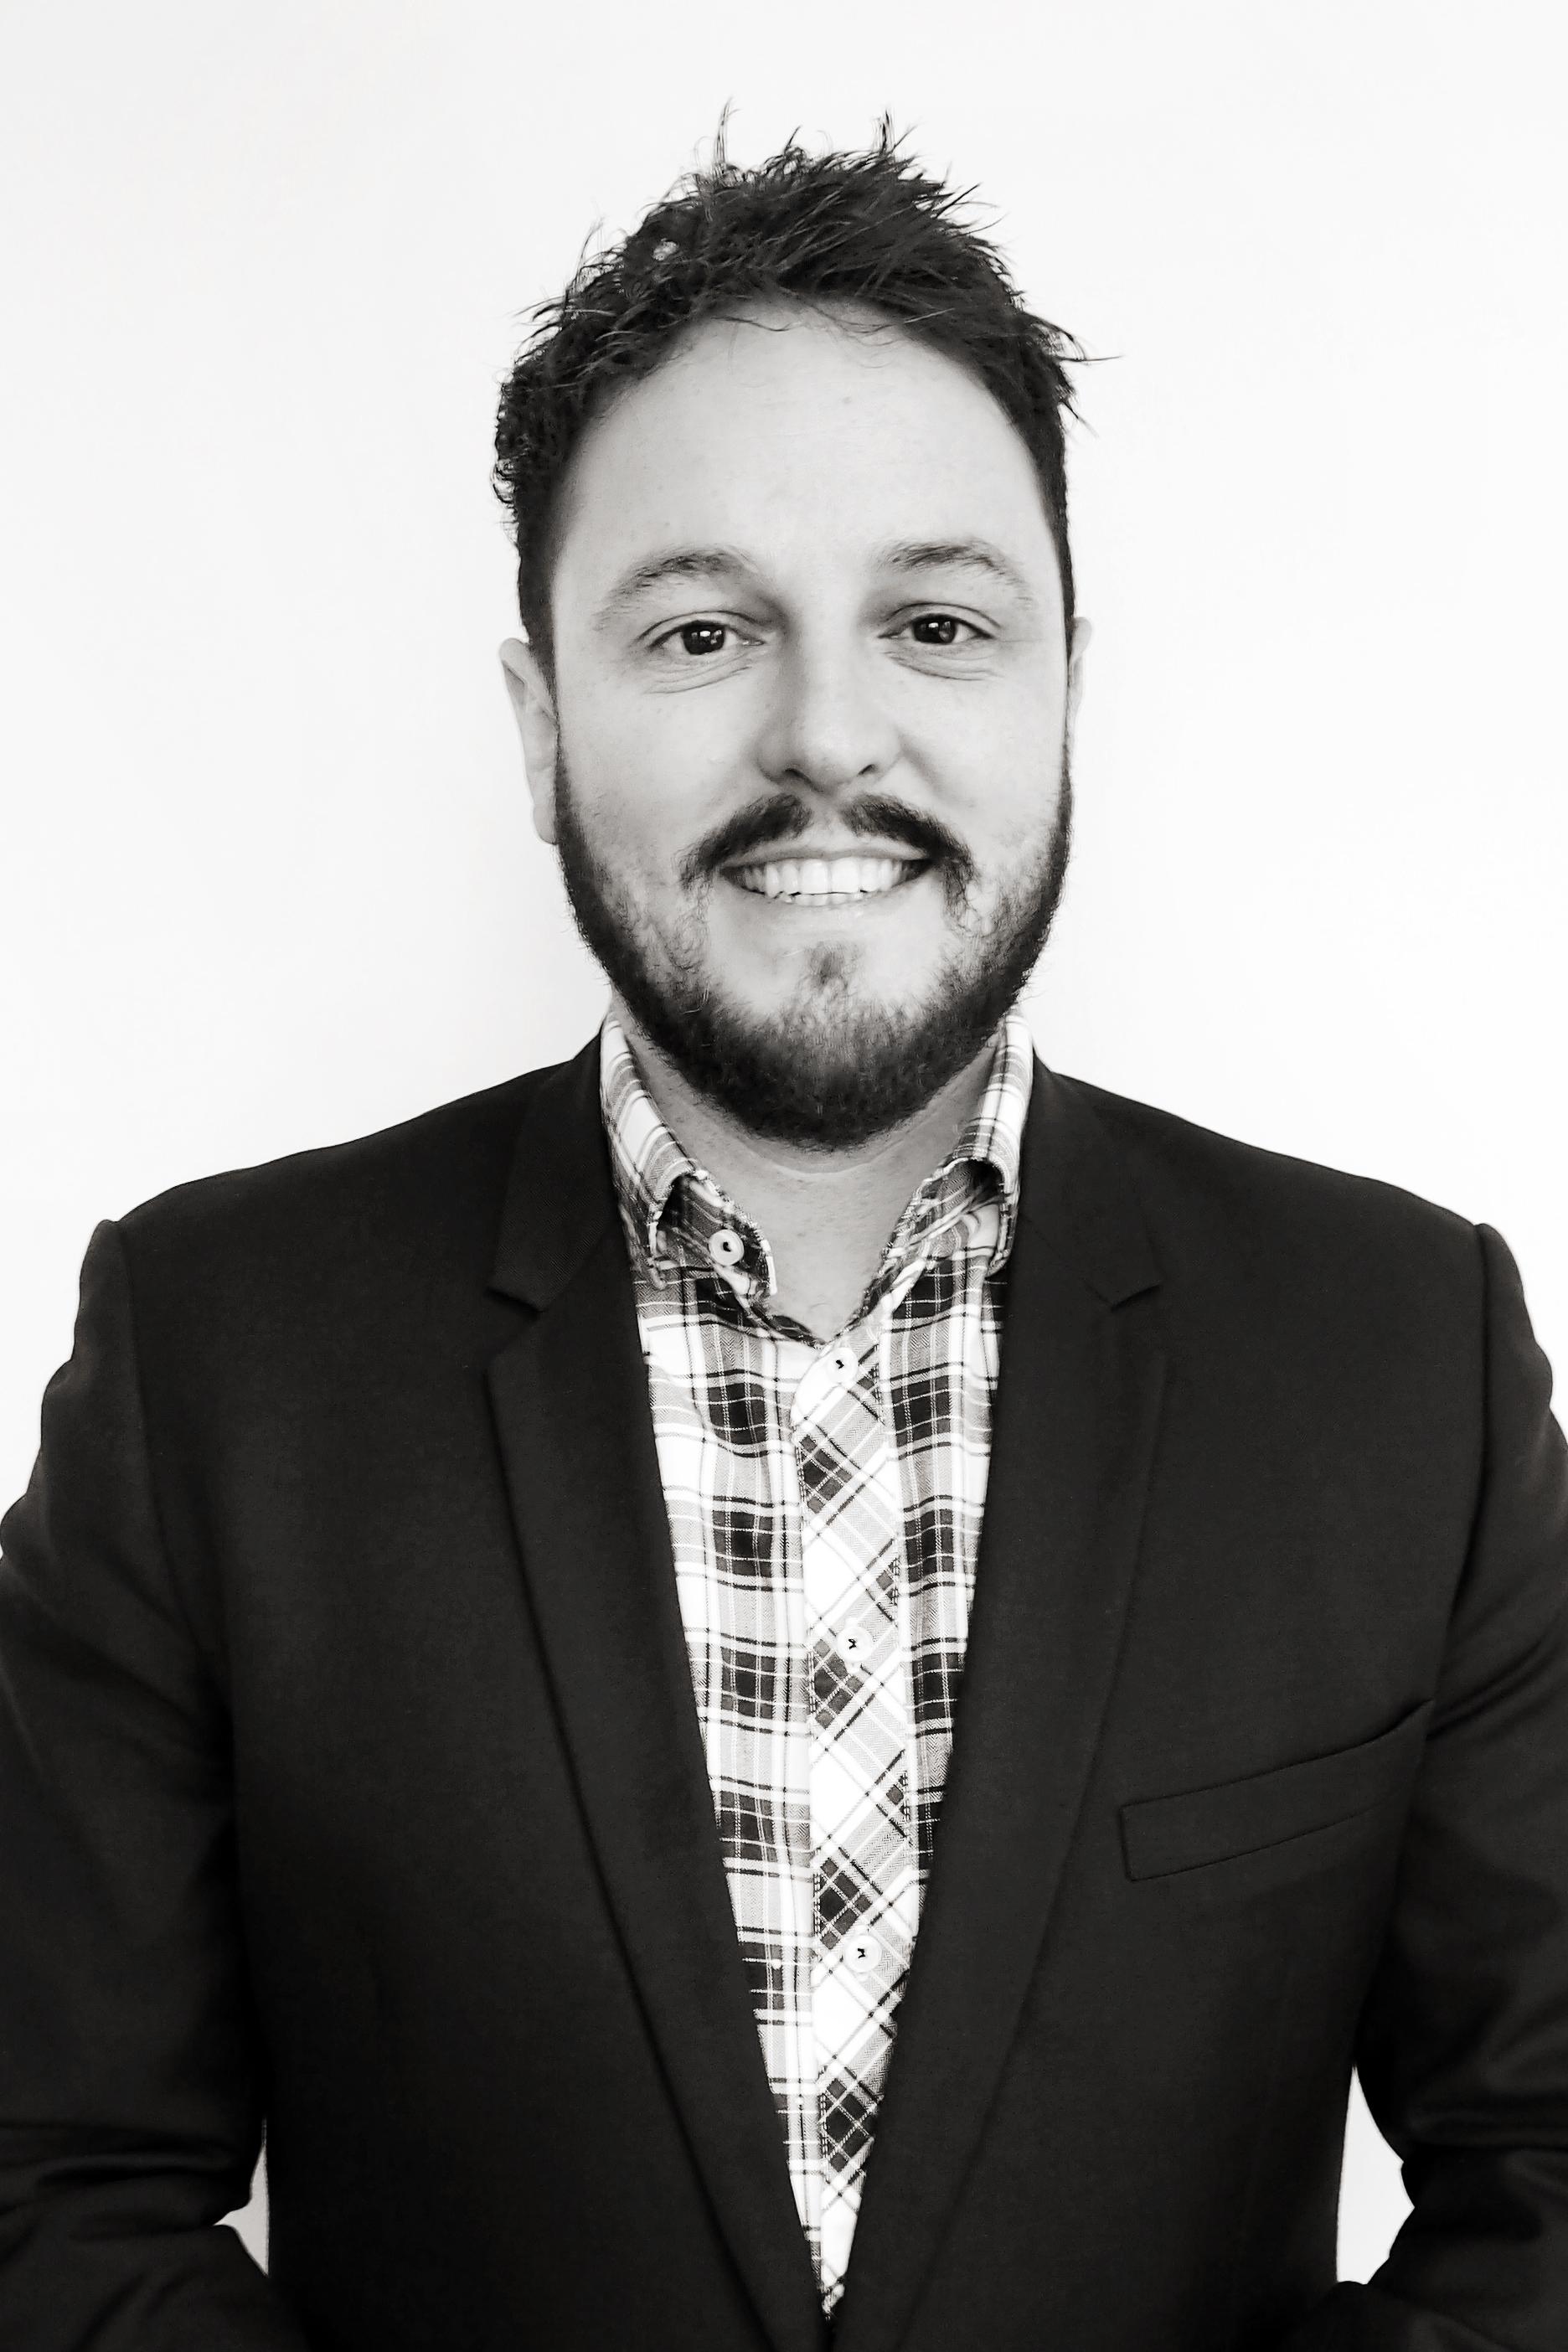 Jonathon Prince | Manager